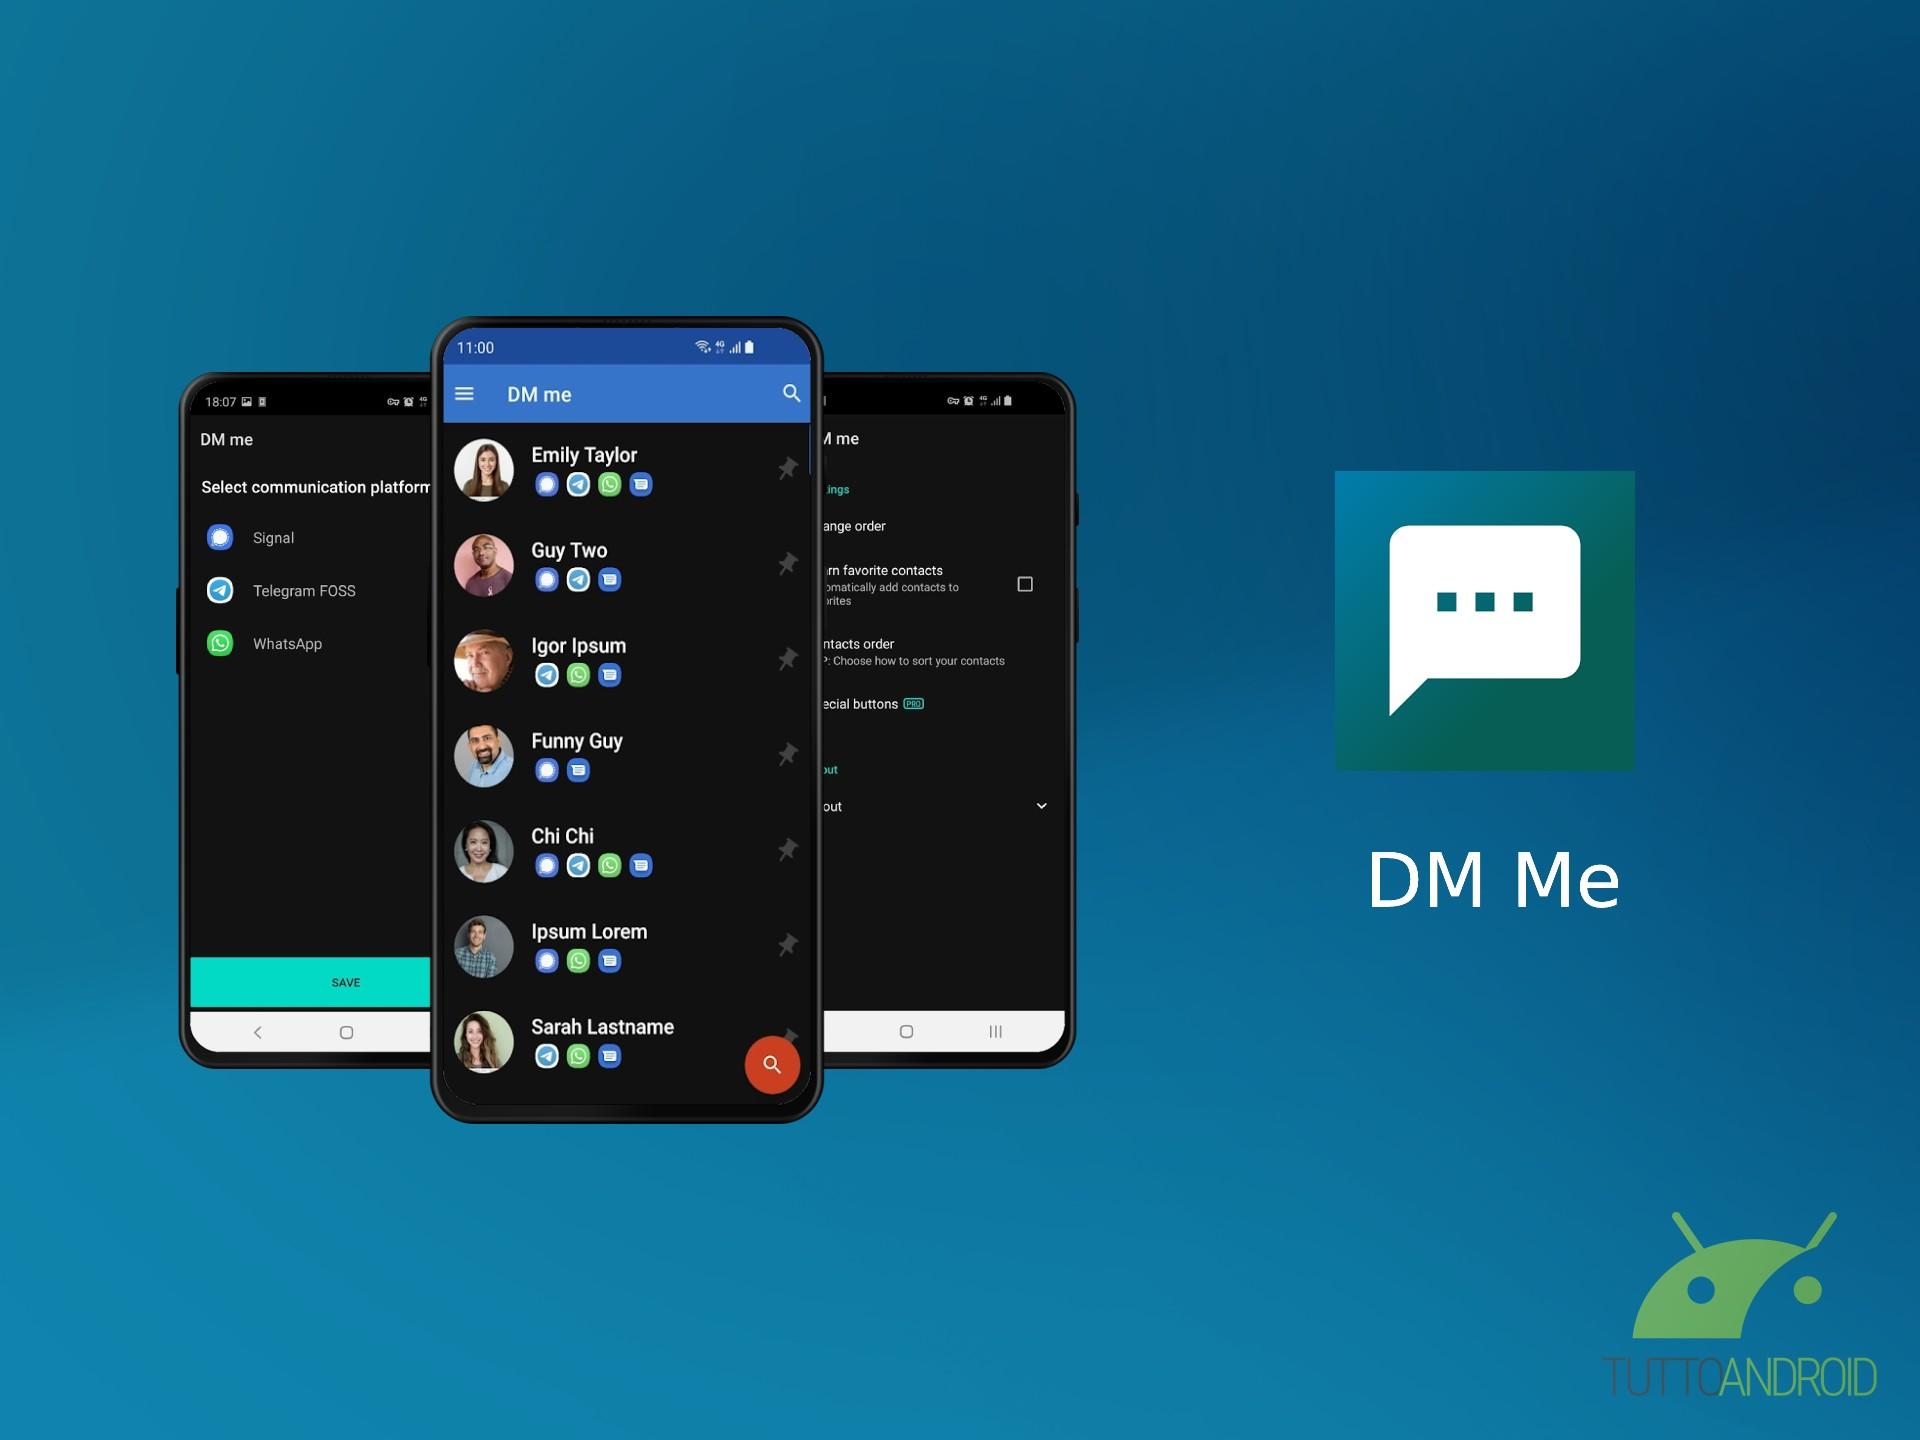 DM Me seleziona automaticamente l'app giusta per inviare messaggi